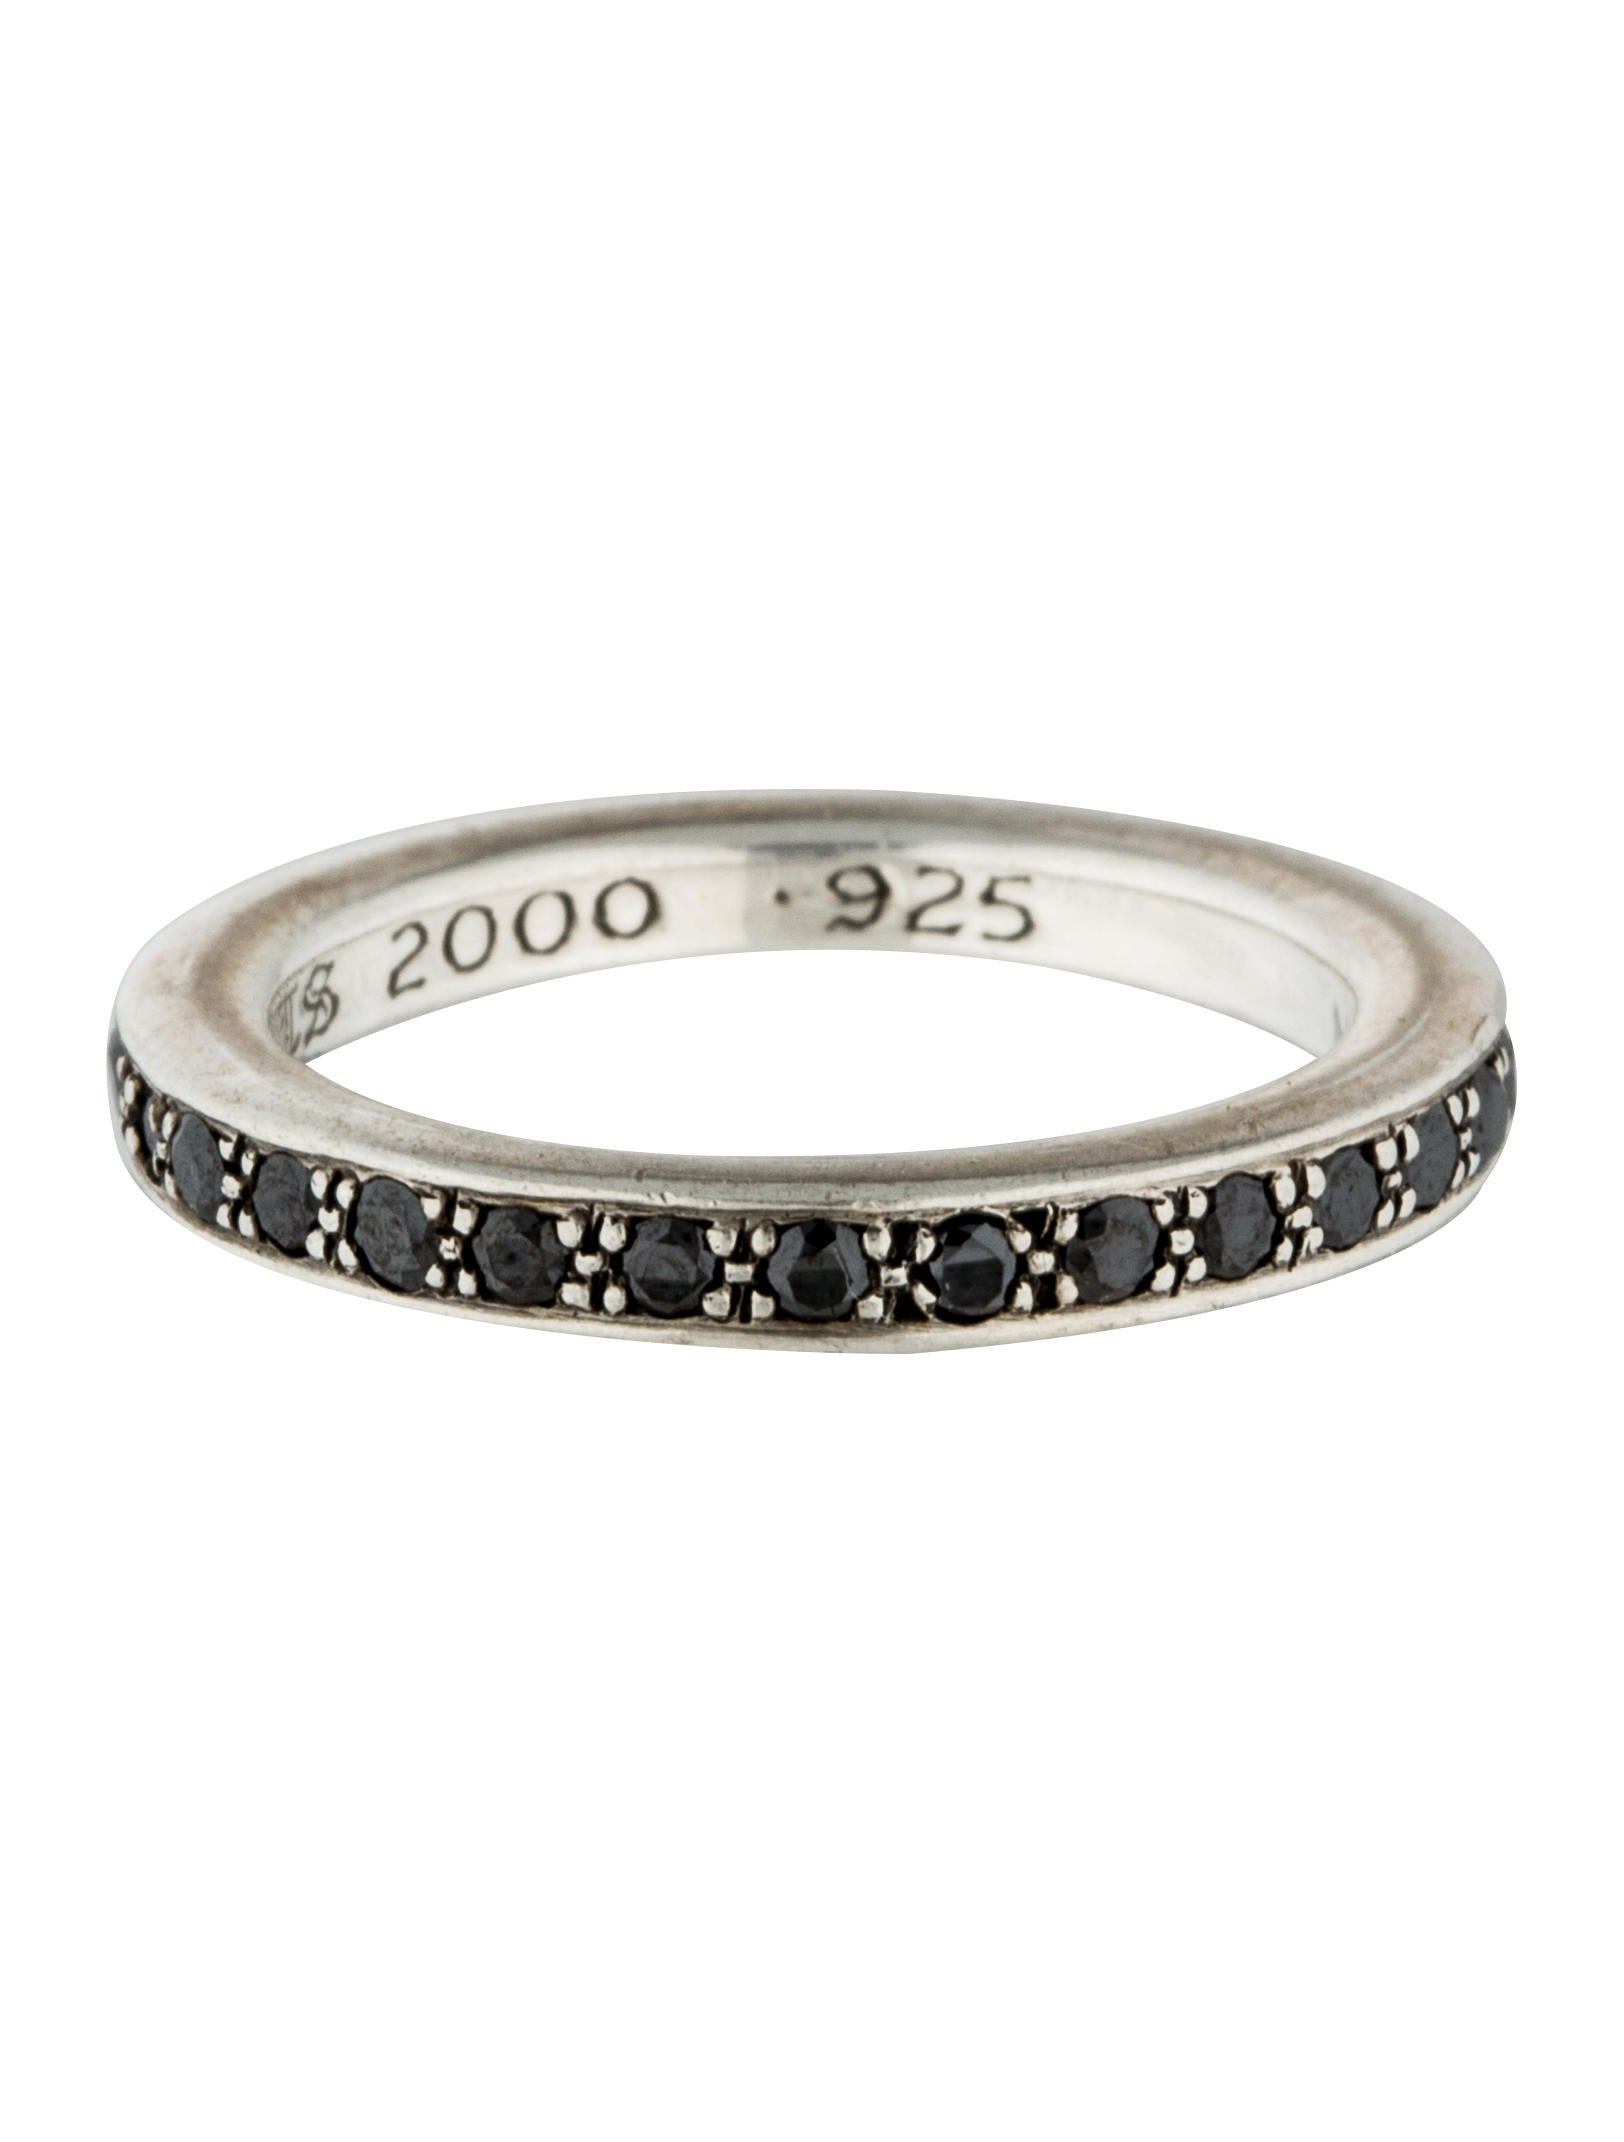 8b3a2864b5f8 Chrome Hearts Black Diamond Eternity Ring - Rings - CHH21691